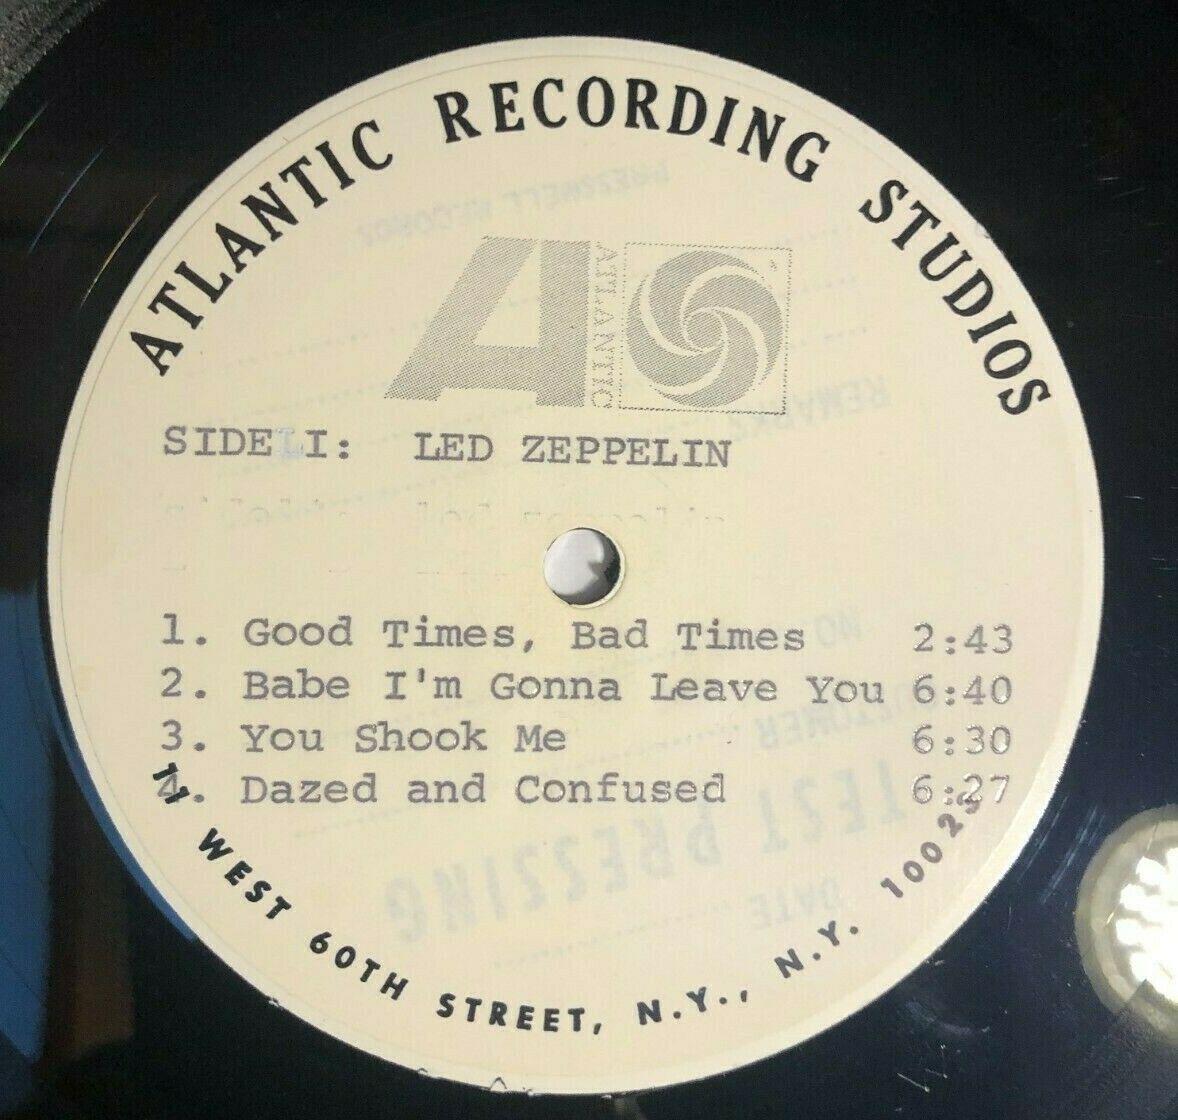 Led Zeppelin Led Zeppelin 1968 Test Pressing Vinyl LP